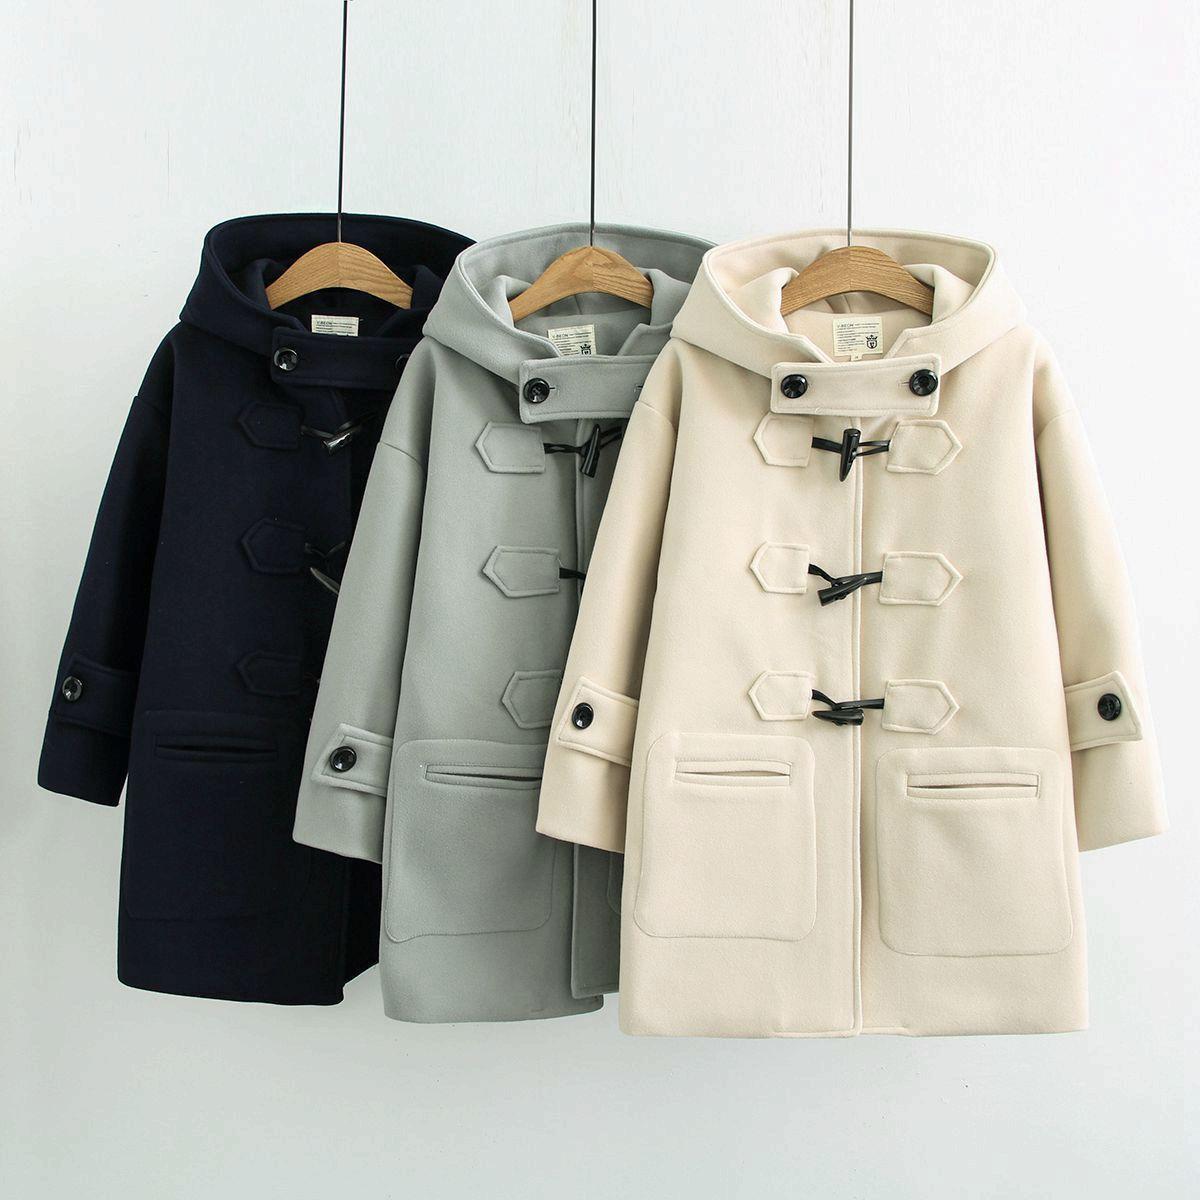 Cow fivelas chifre casacos mulheres outono e inverno longo casaco de lã estudante com capuz casaco pequeno T200831